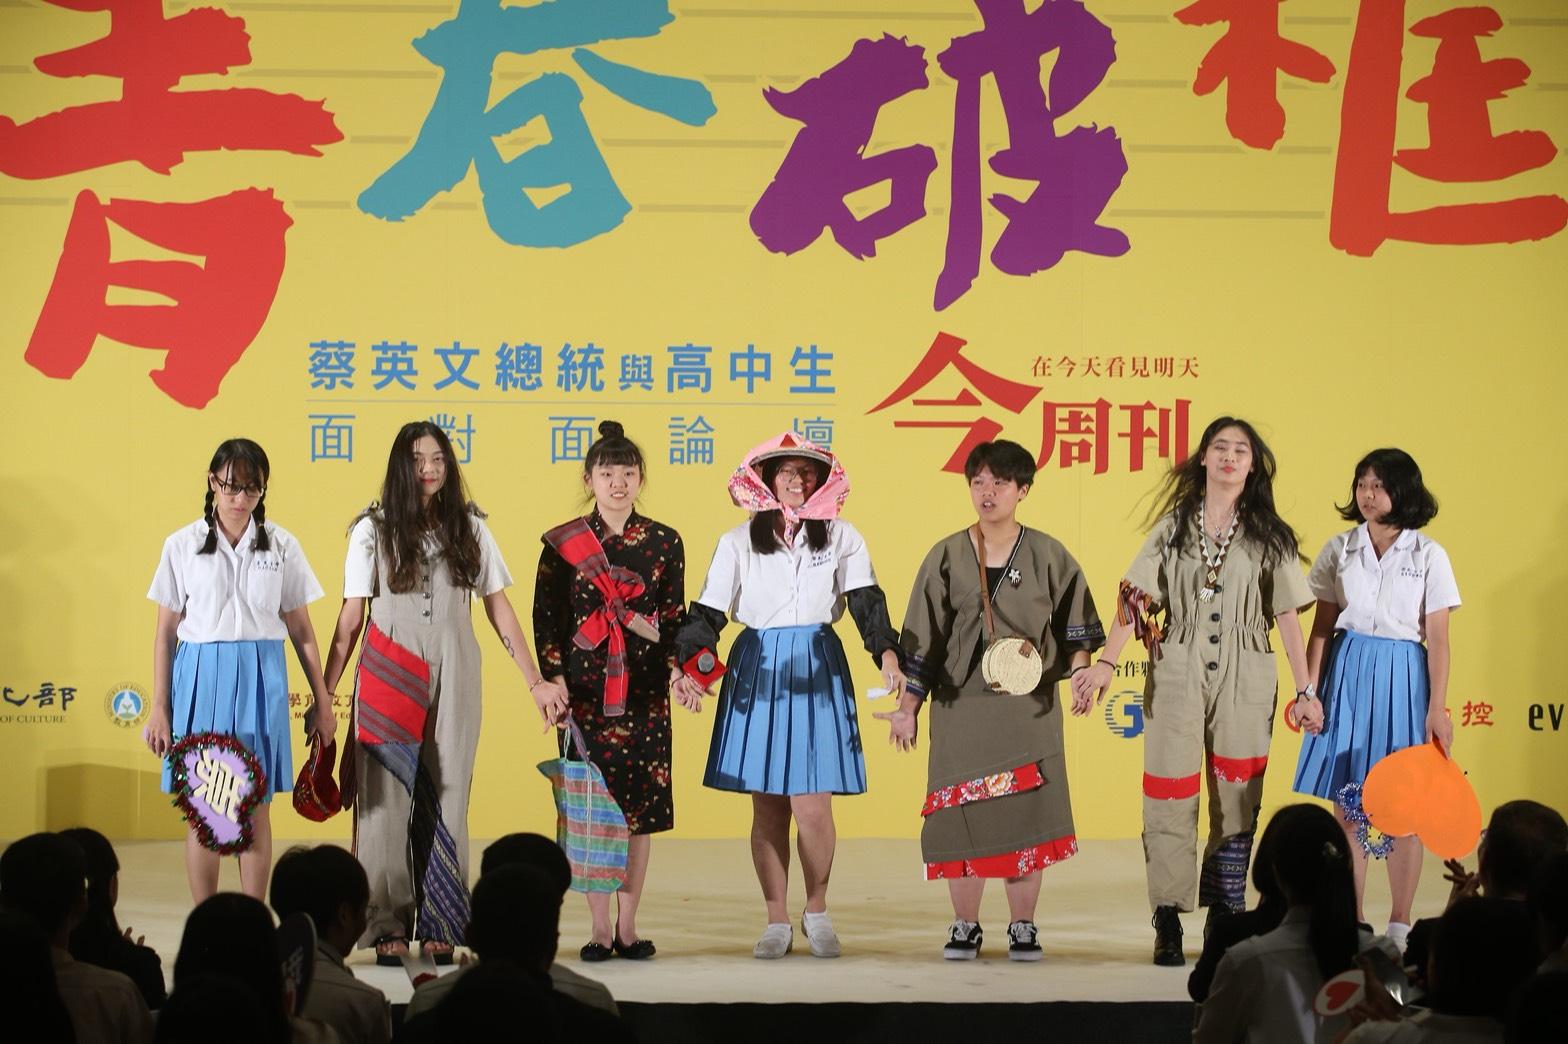 青春破框 崇光女中親手製作的台灣風情衣杉,讓舞台變成時尚伸展台